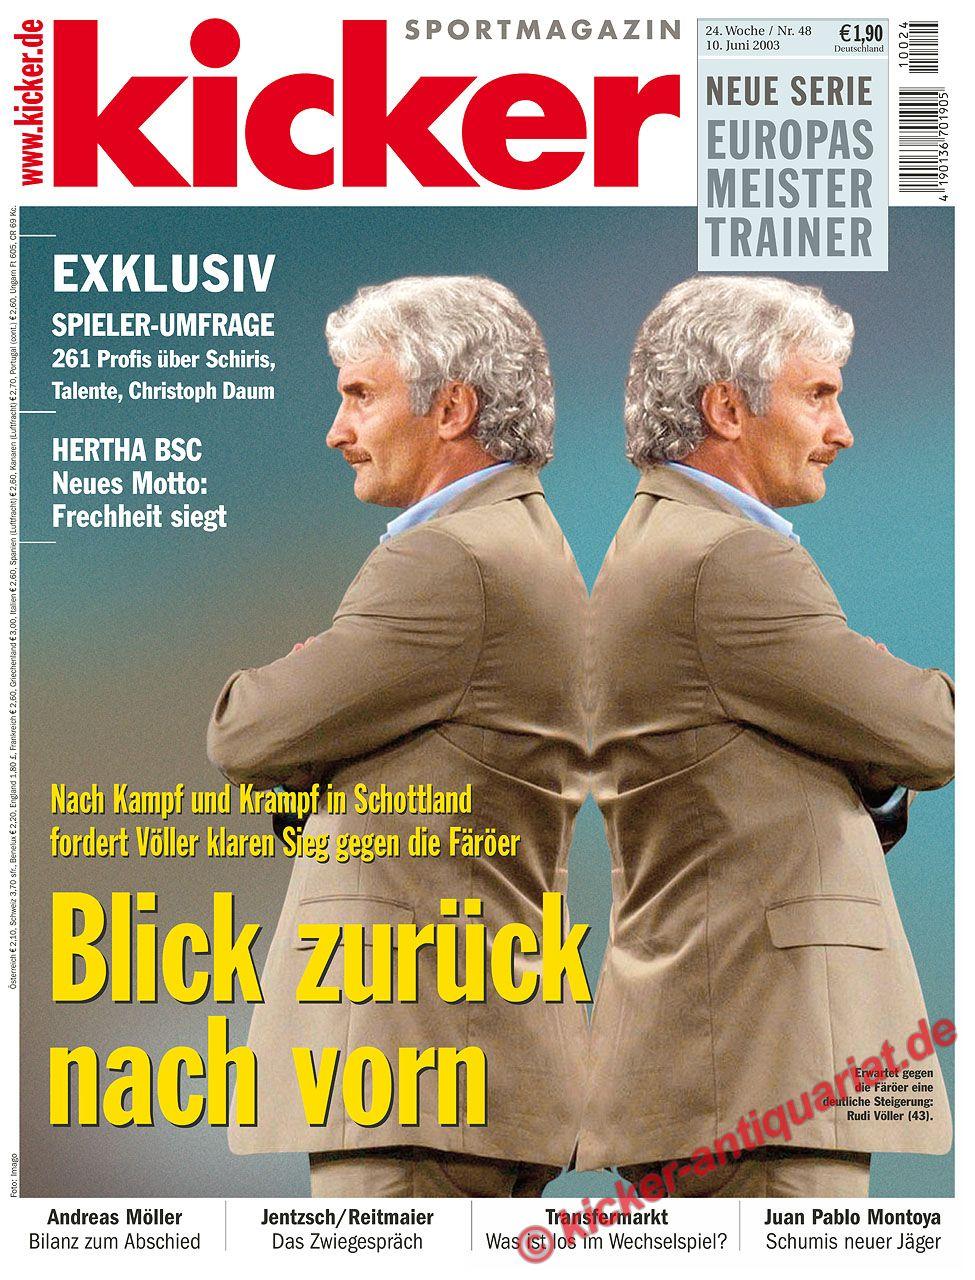 Kicker Zeitung